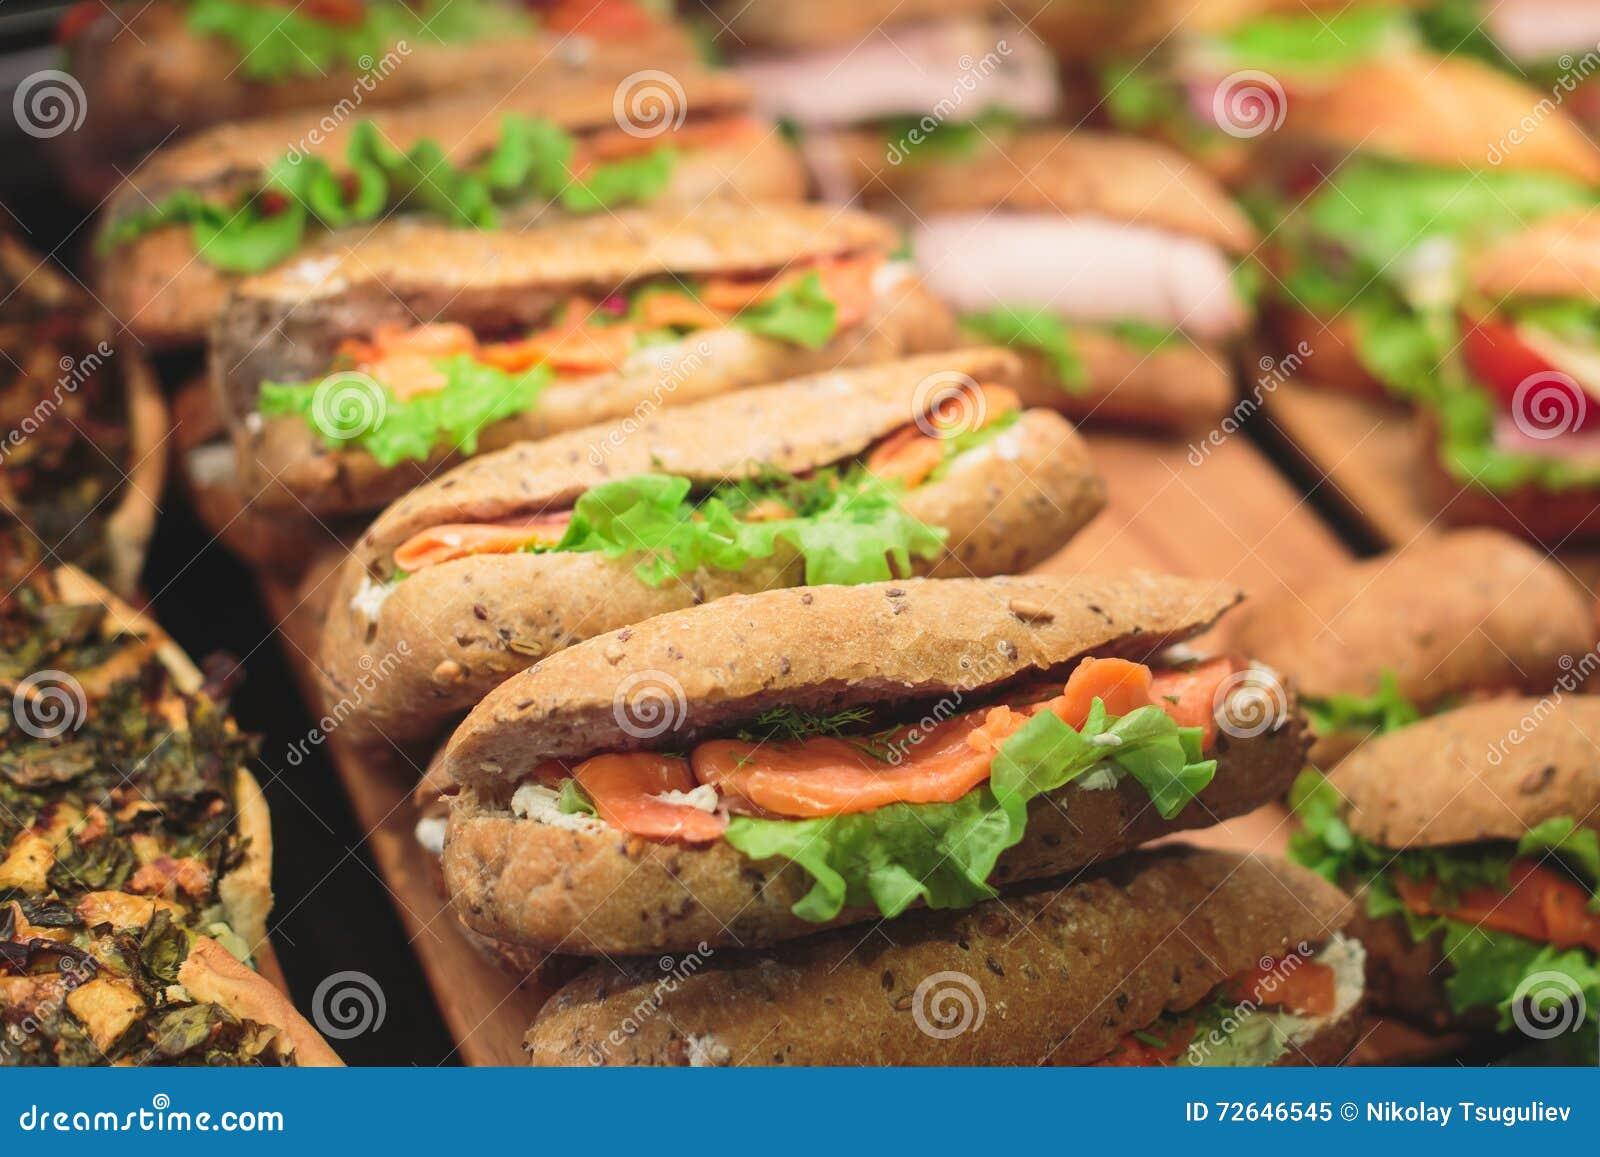 Pięknie dekorujący cateringu bankieta stół z różnymi jedzenie przekąskami, zakąskami z kanapką i